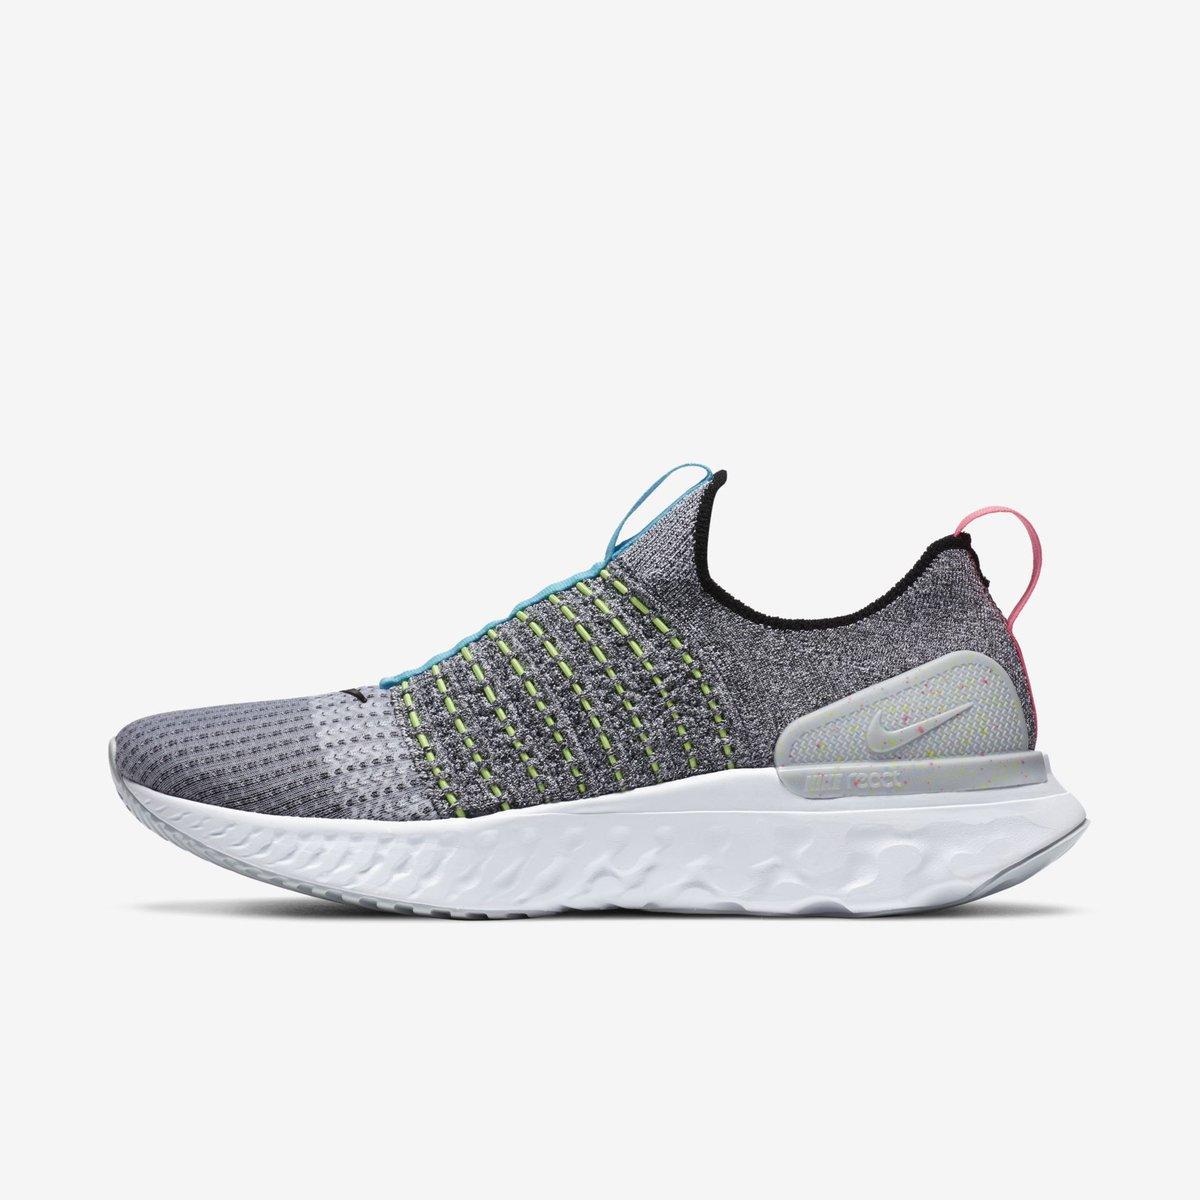 NEW Nike React Phantom Run Flyknit 2 Nike -> go.j23app.com/iqy Finish Line -> go.j23app.com/iqz JD Sports -> go.j23app.com/ir0